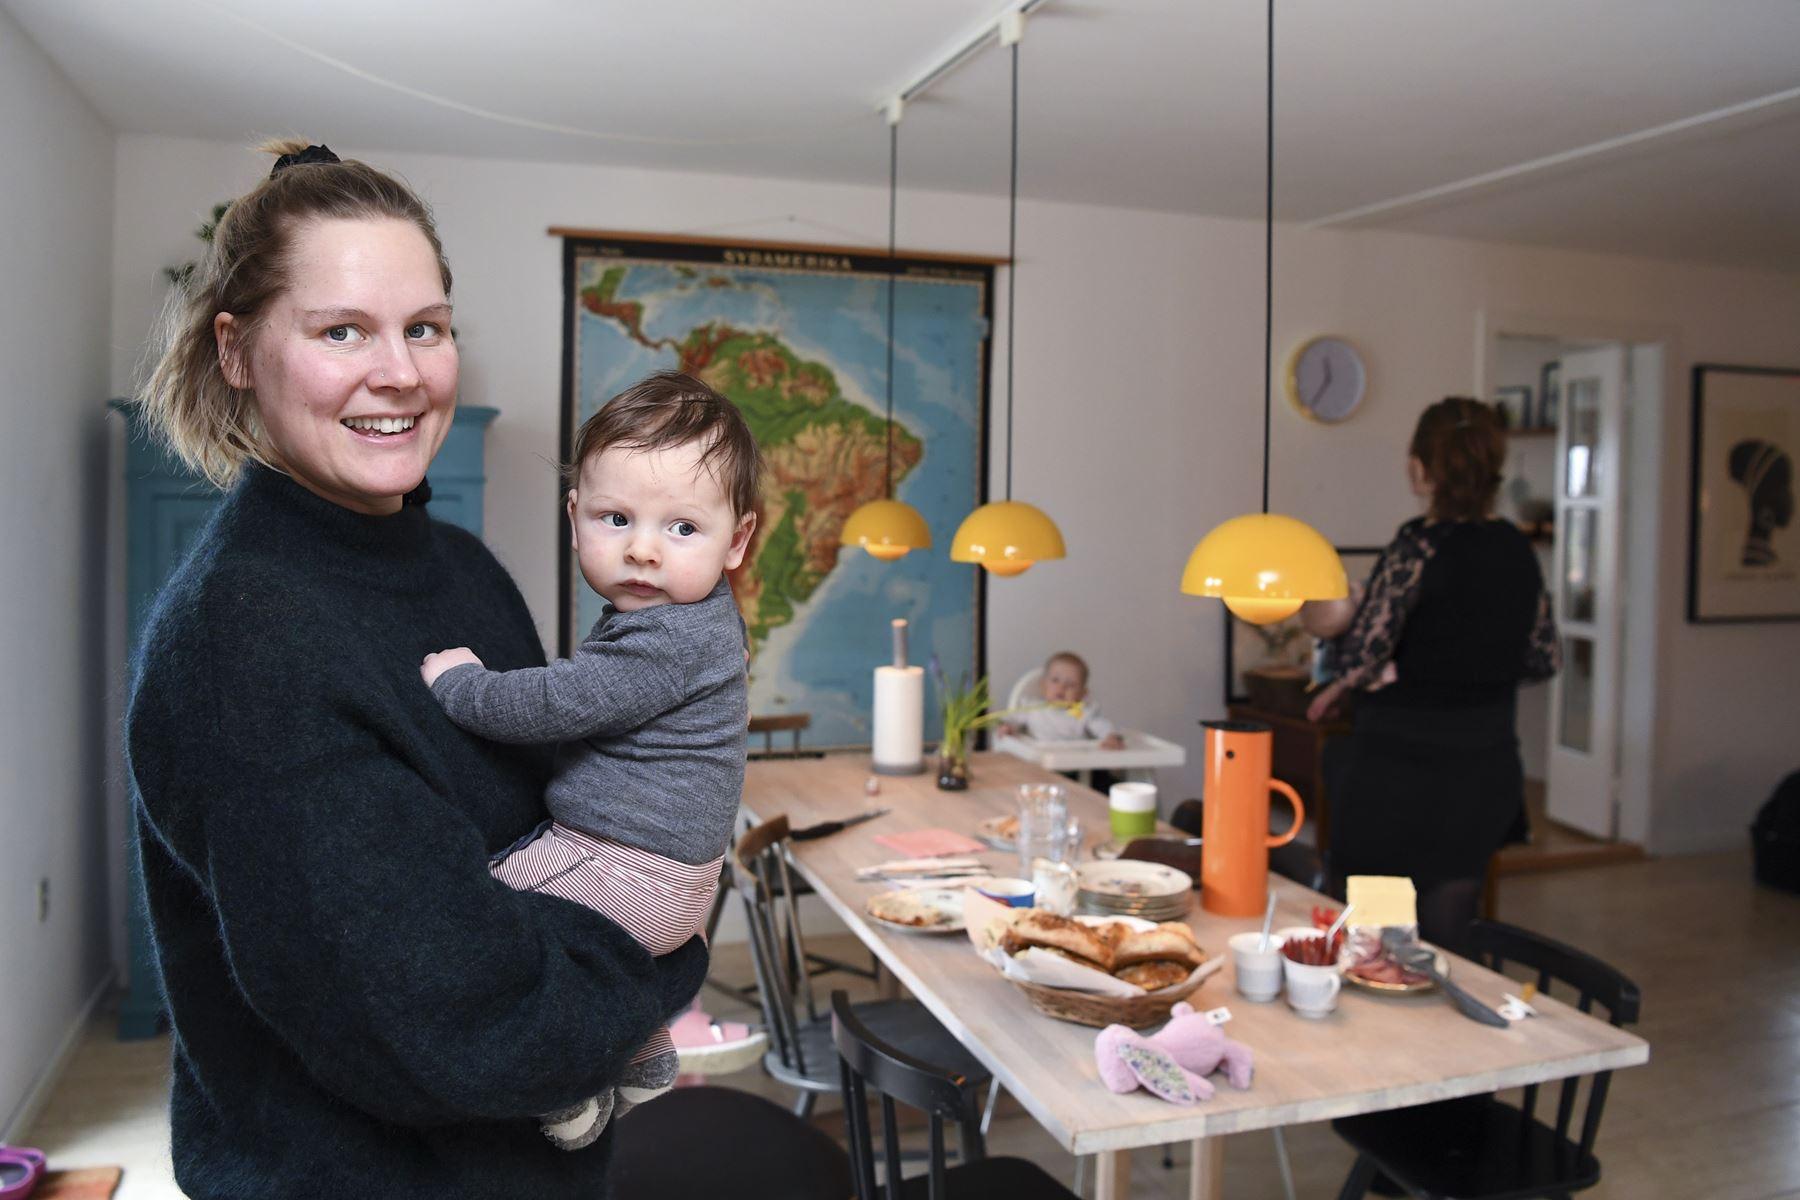 I Rebild Kommune fødes flere børn end i resten af landet. Forklaringen kan være byen Støvring, som har oplevet enorm vækst. En af kvinderne bag statistikken er Marie Skou, som fødte lille Birk i november.